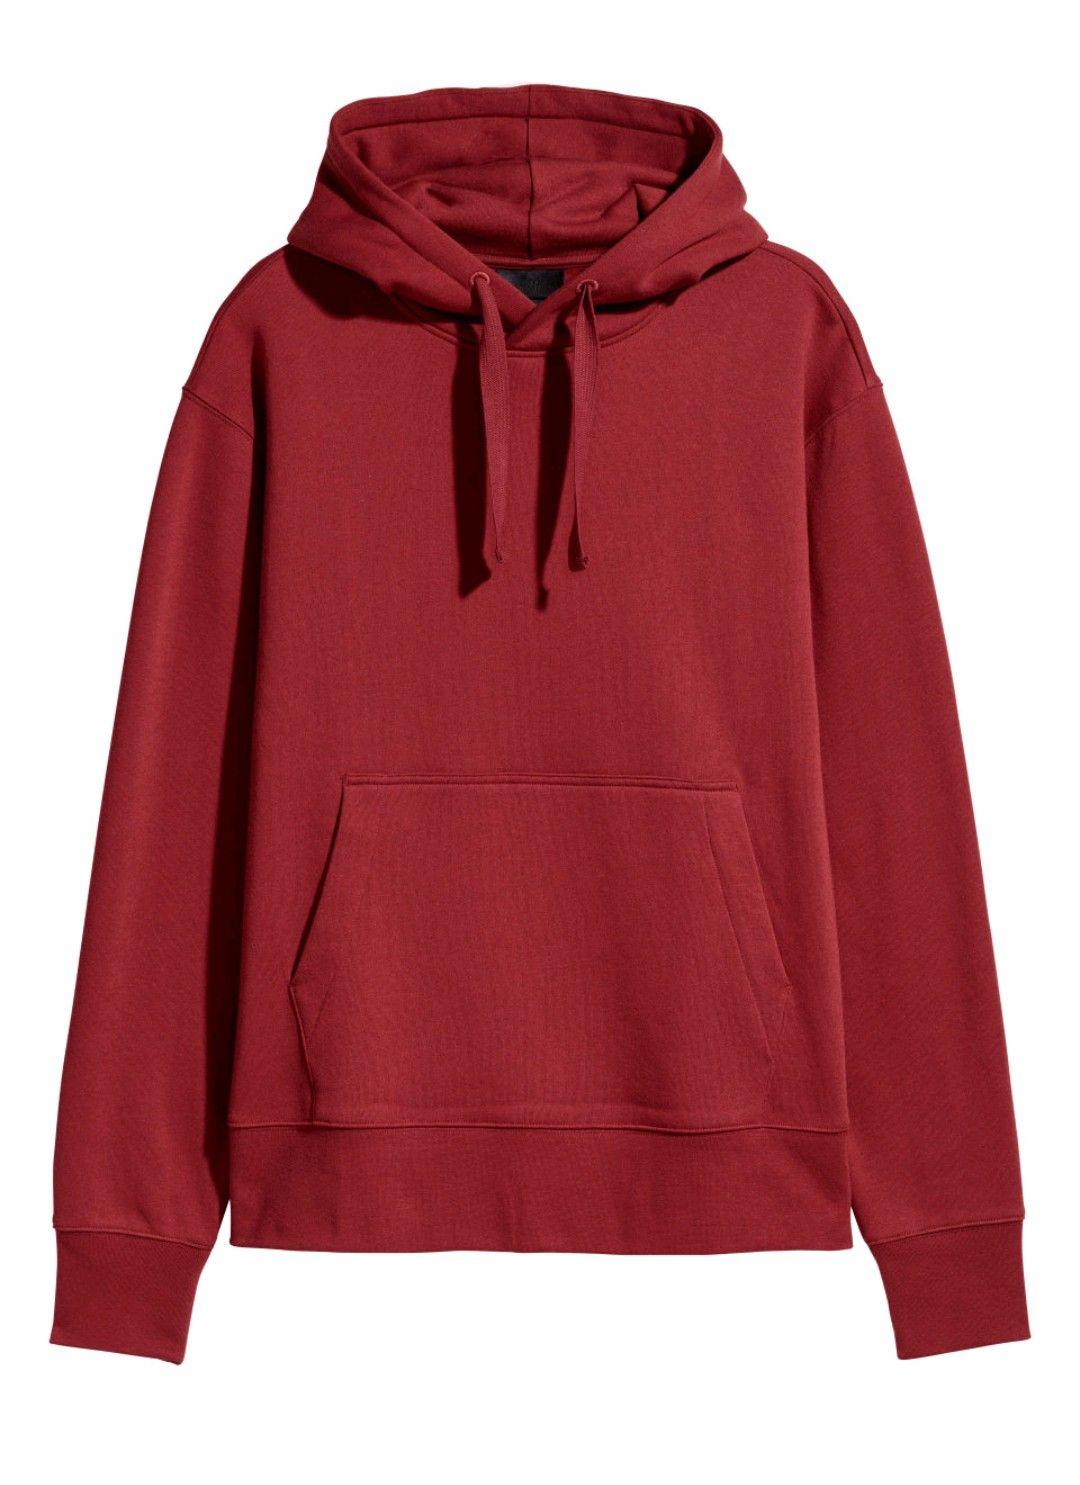 b76b89bdc H&M dark red hoodie | My Tops | Hooded sweatshirts, Sweatshirts, Fashion